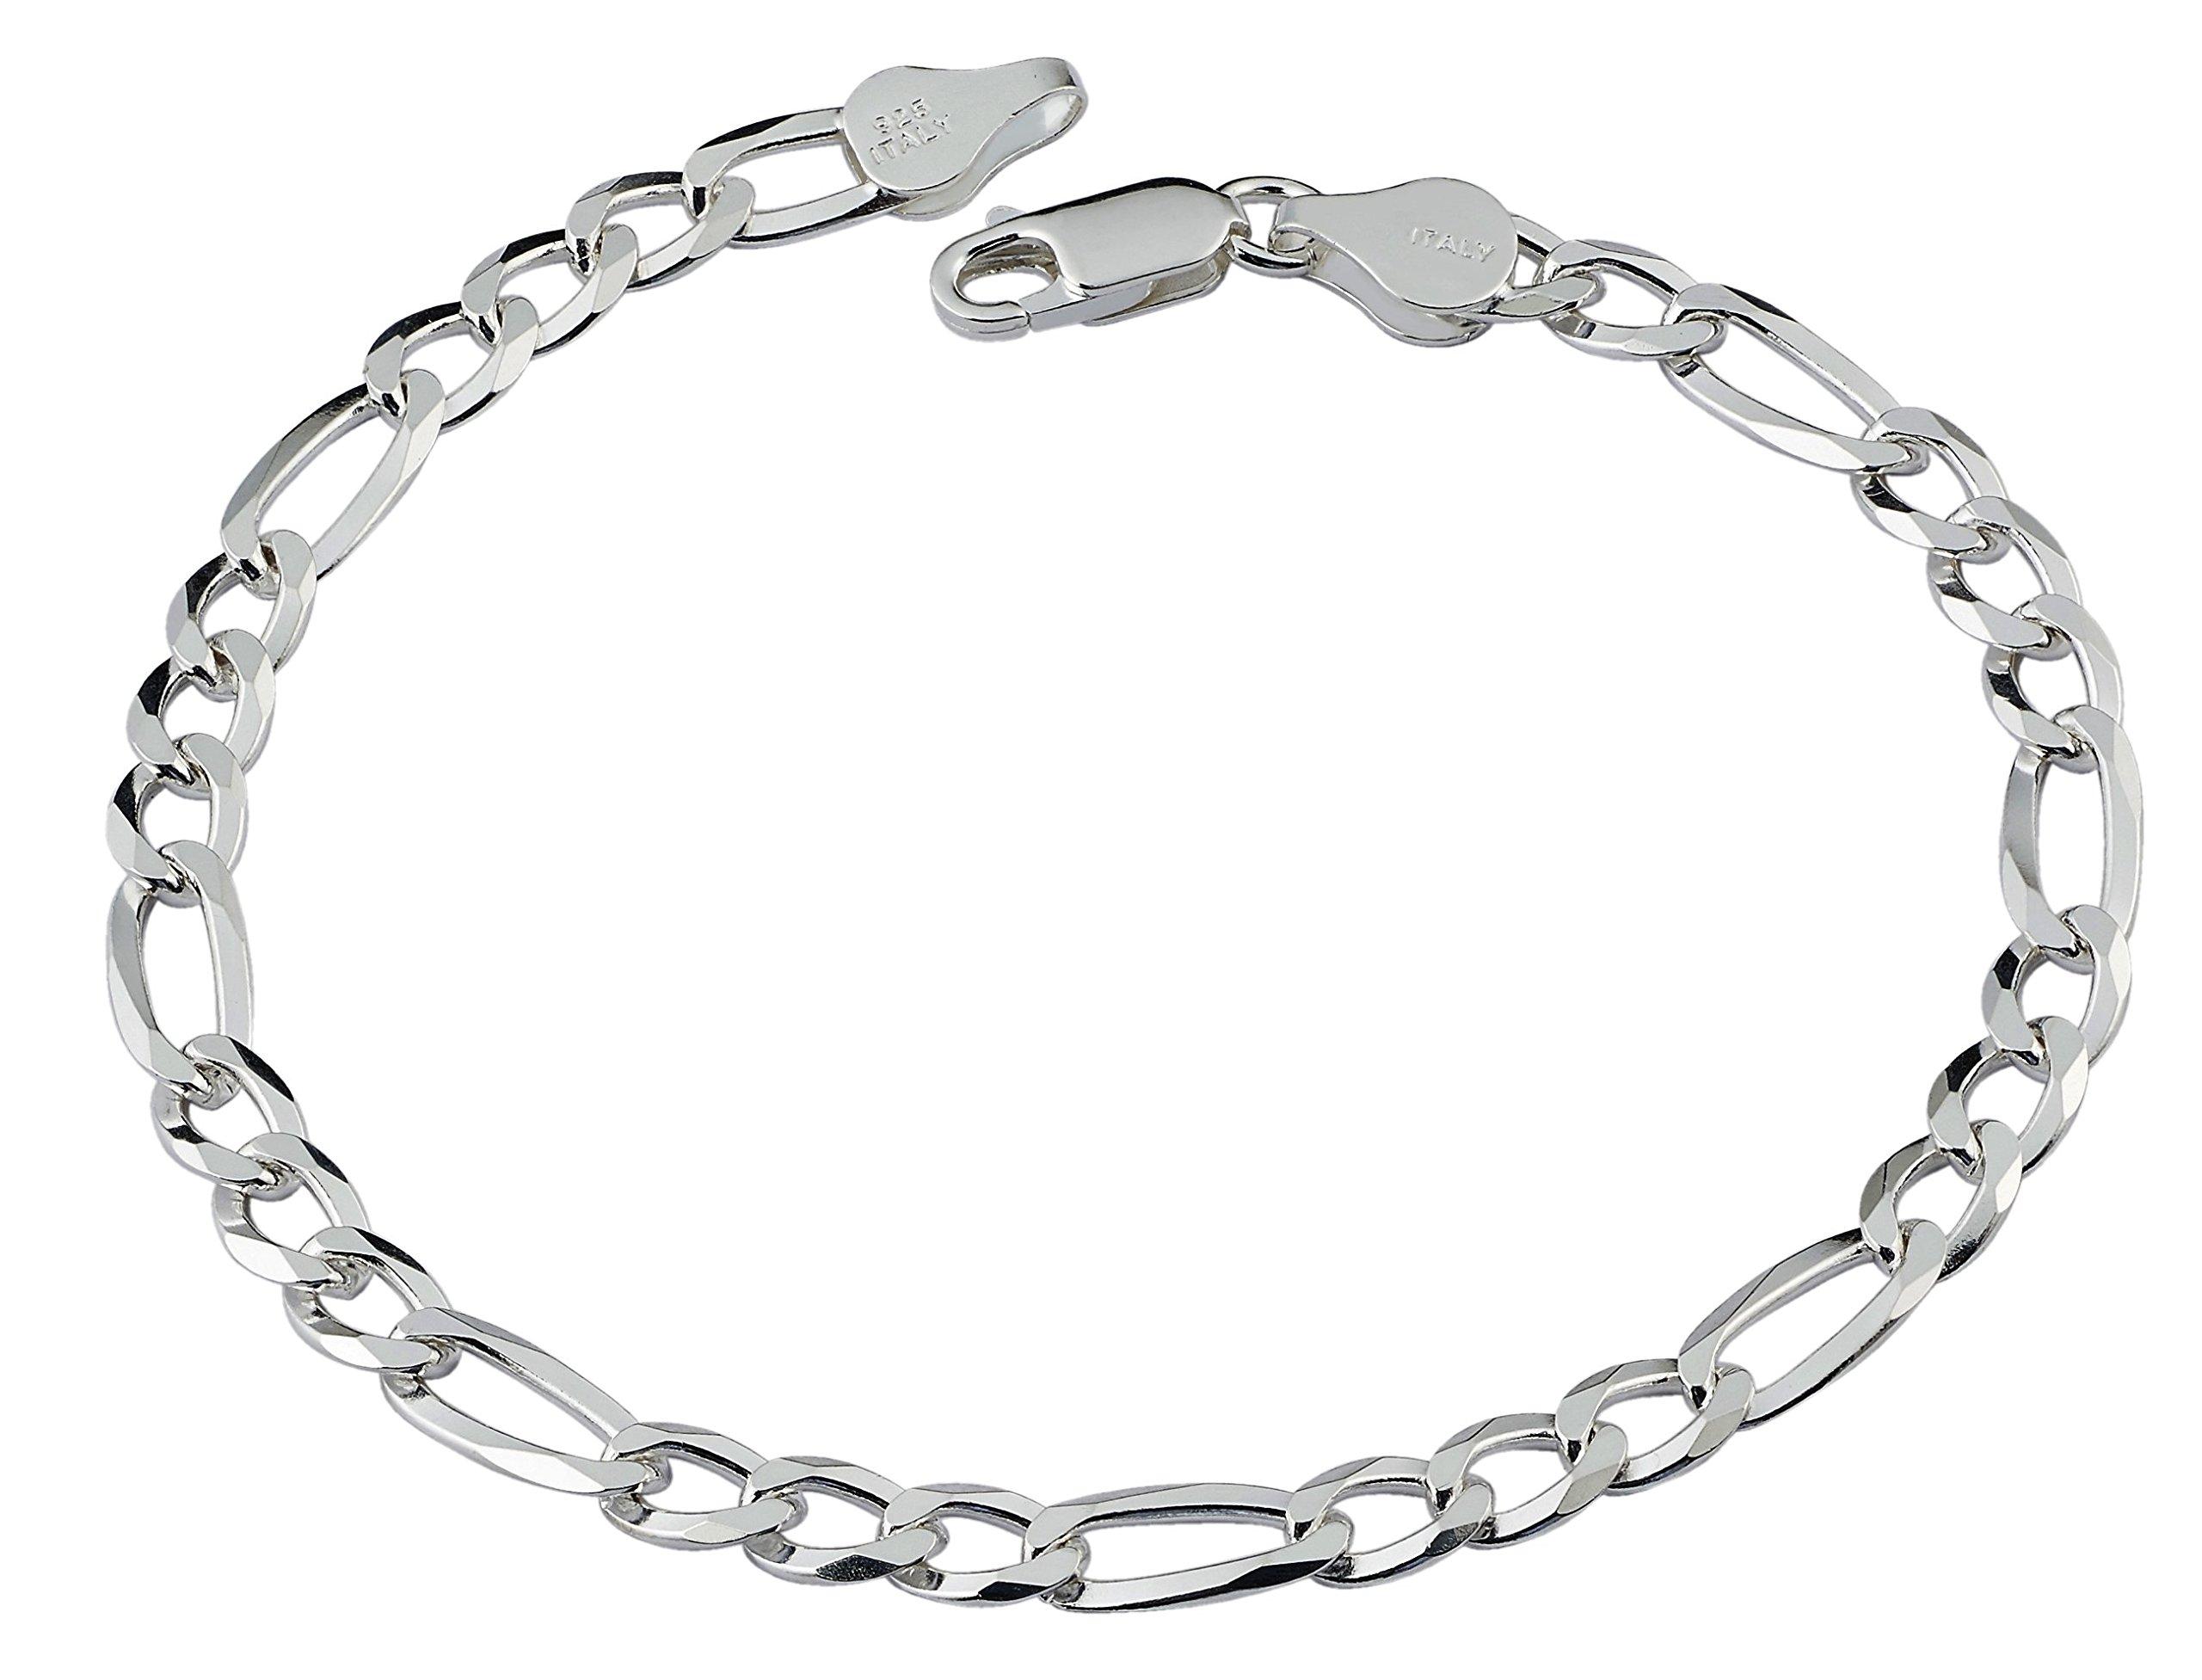 D Jewelry 925 Sterling Silver Solid Flat Figaro Chain Bracelet Gauge 150 (7)